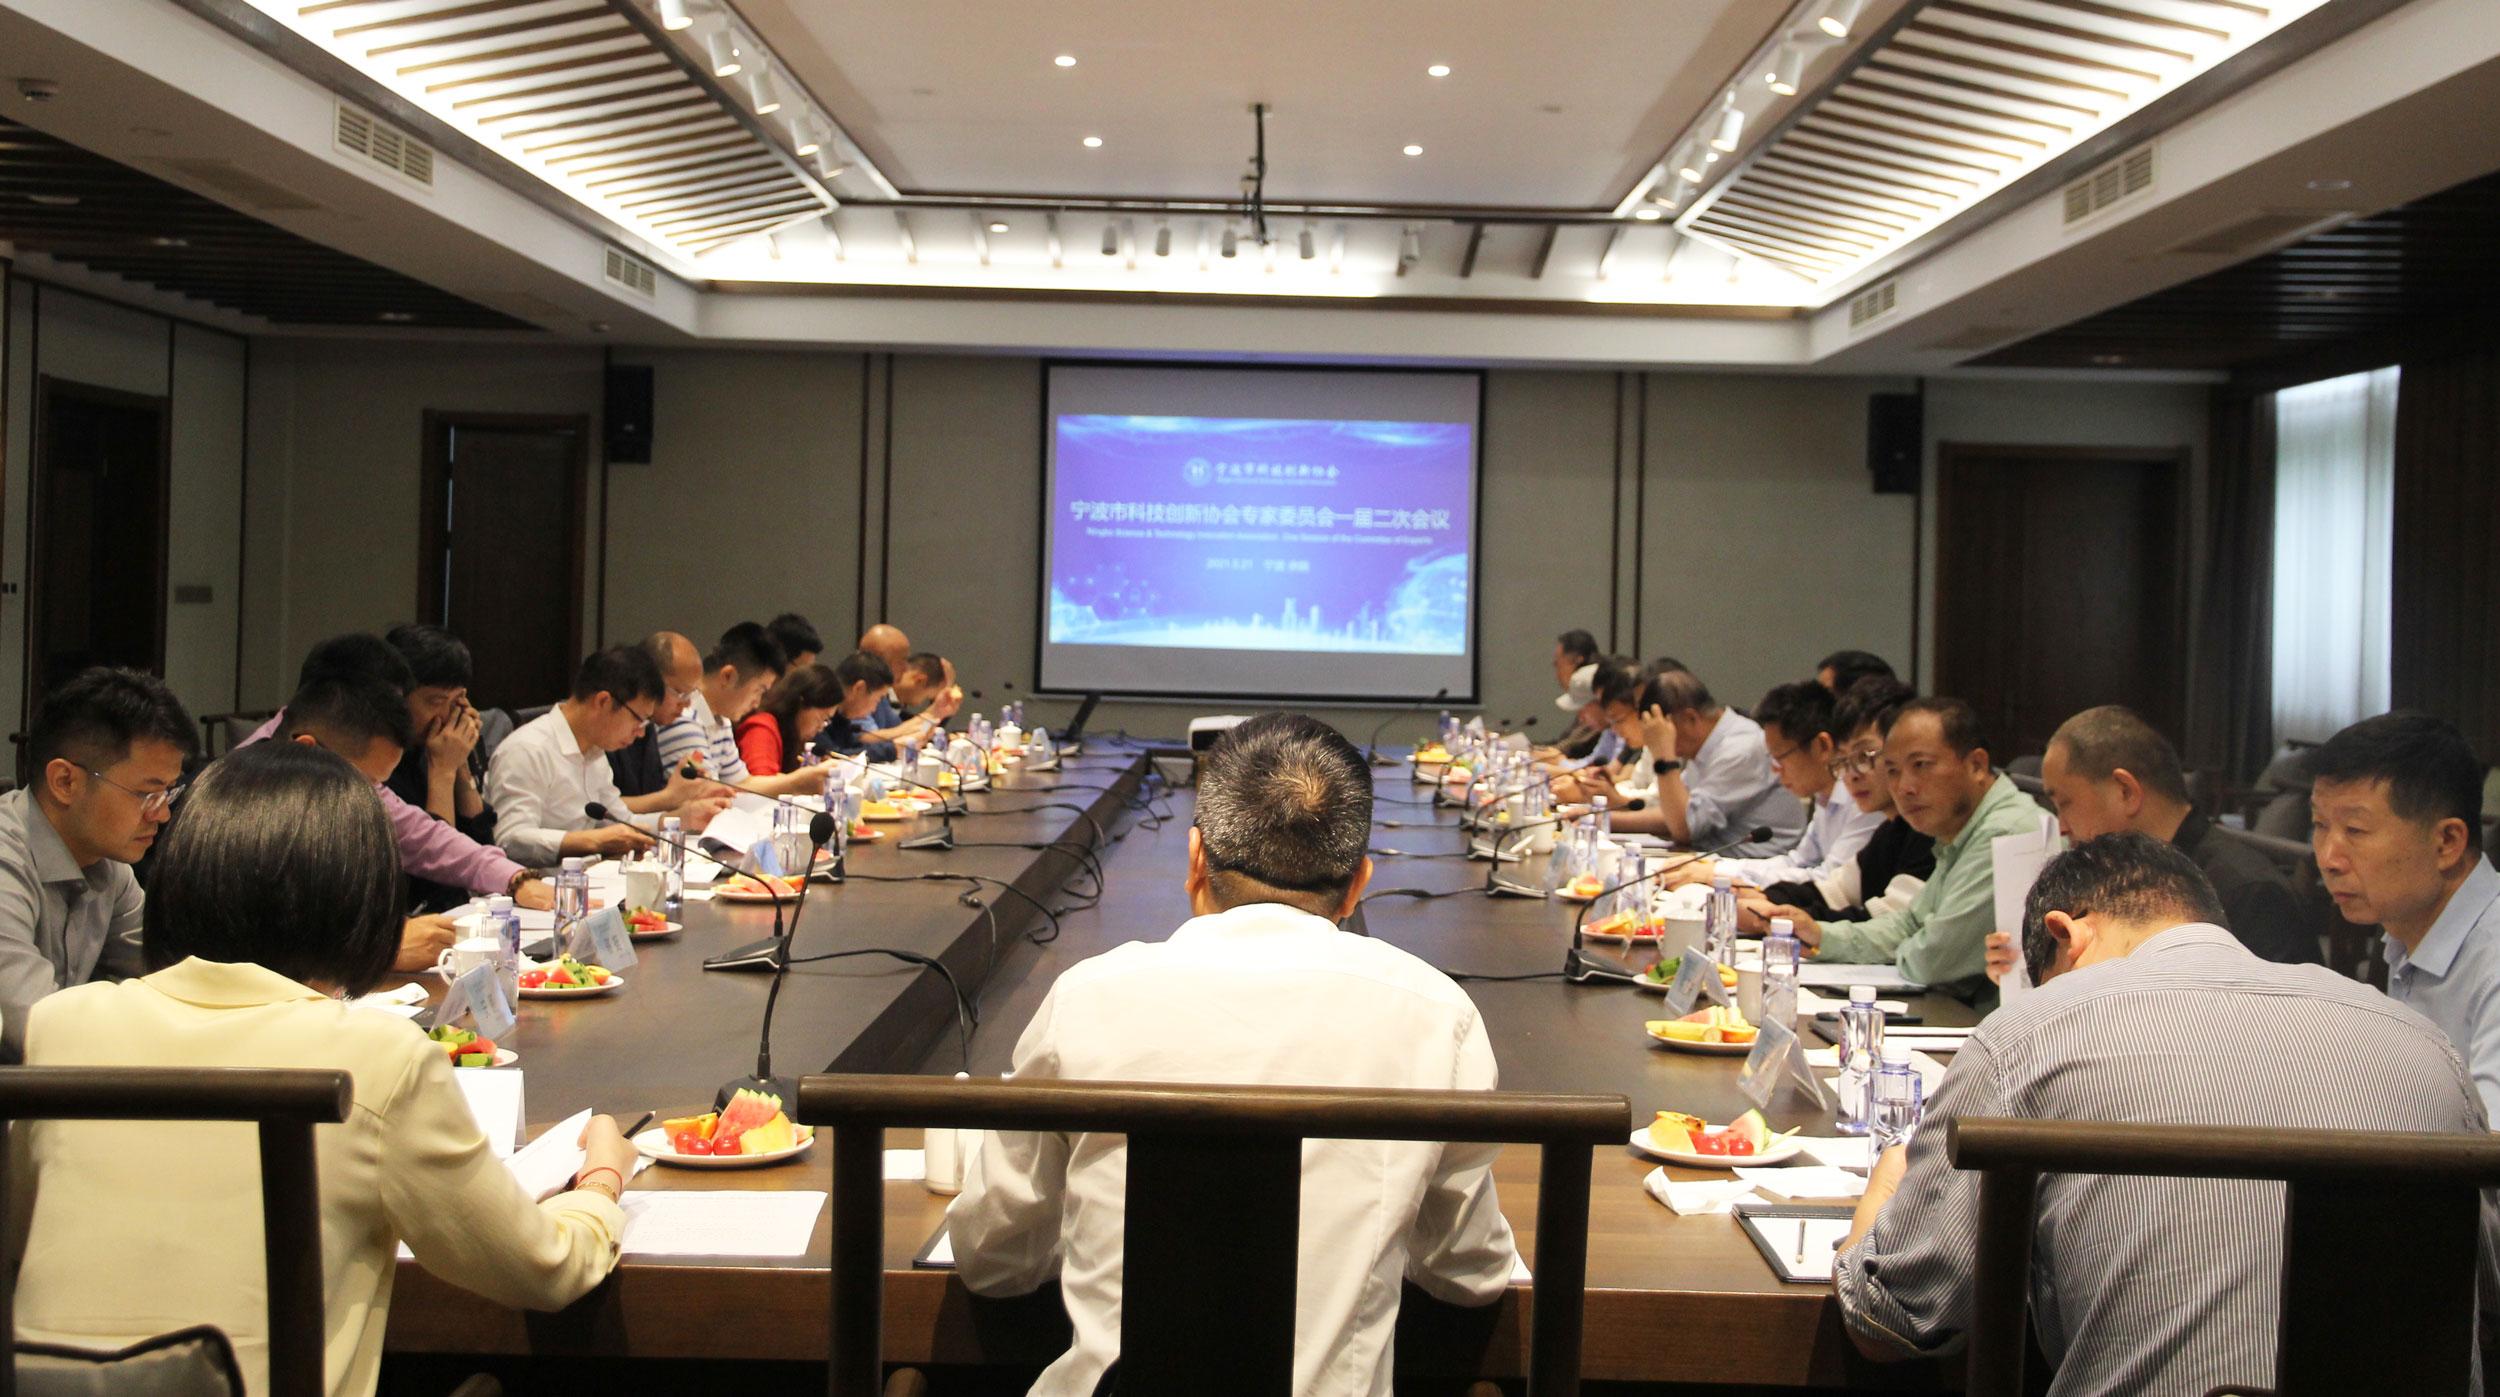 宁波市科技创新专委会一届二次会议顺利召开